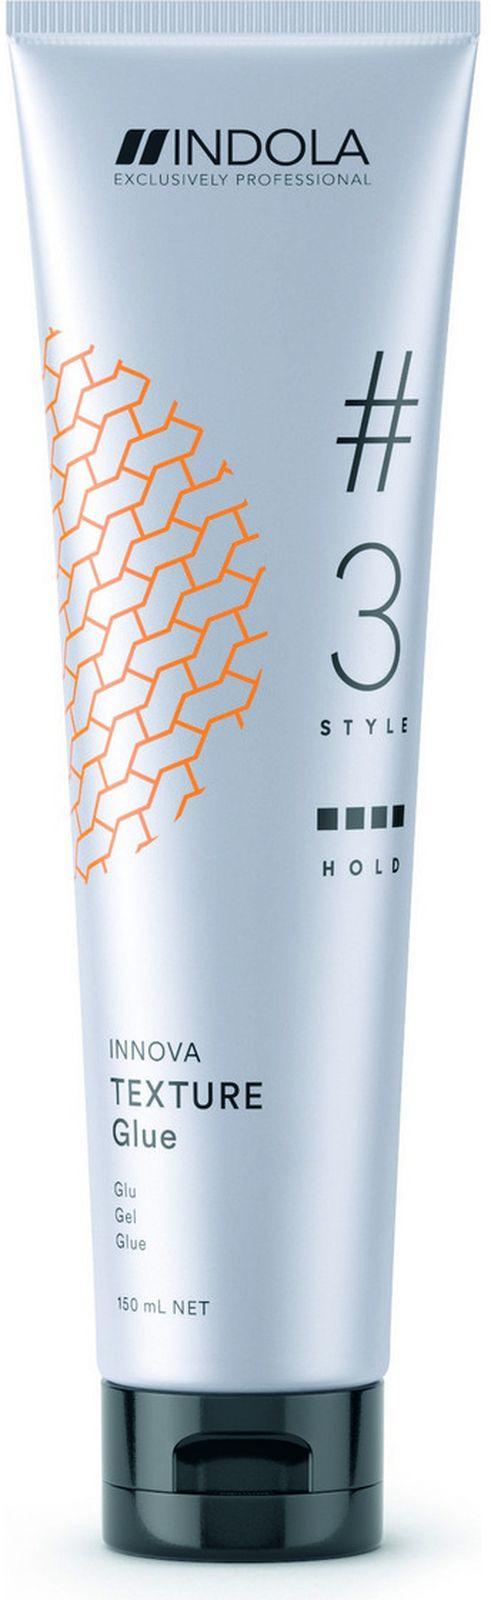 Гель для укладки волос Indola Texture Glue, экстра сильная фиксация, 150 мл зейтун мыло экстра 4 для укрепления корней волос 150 г